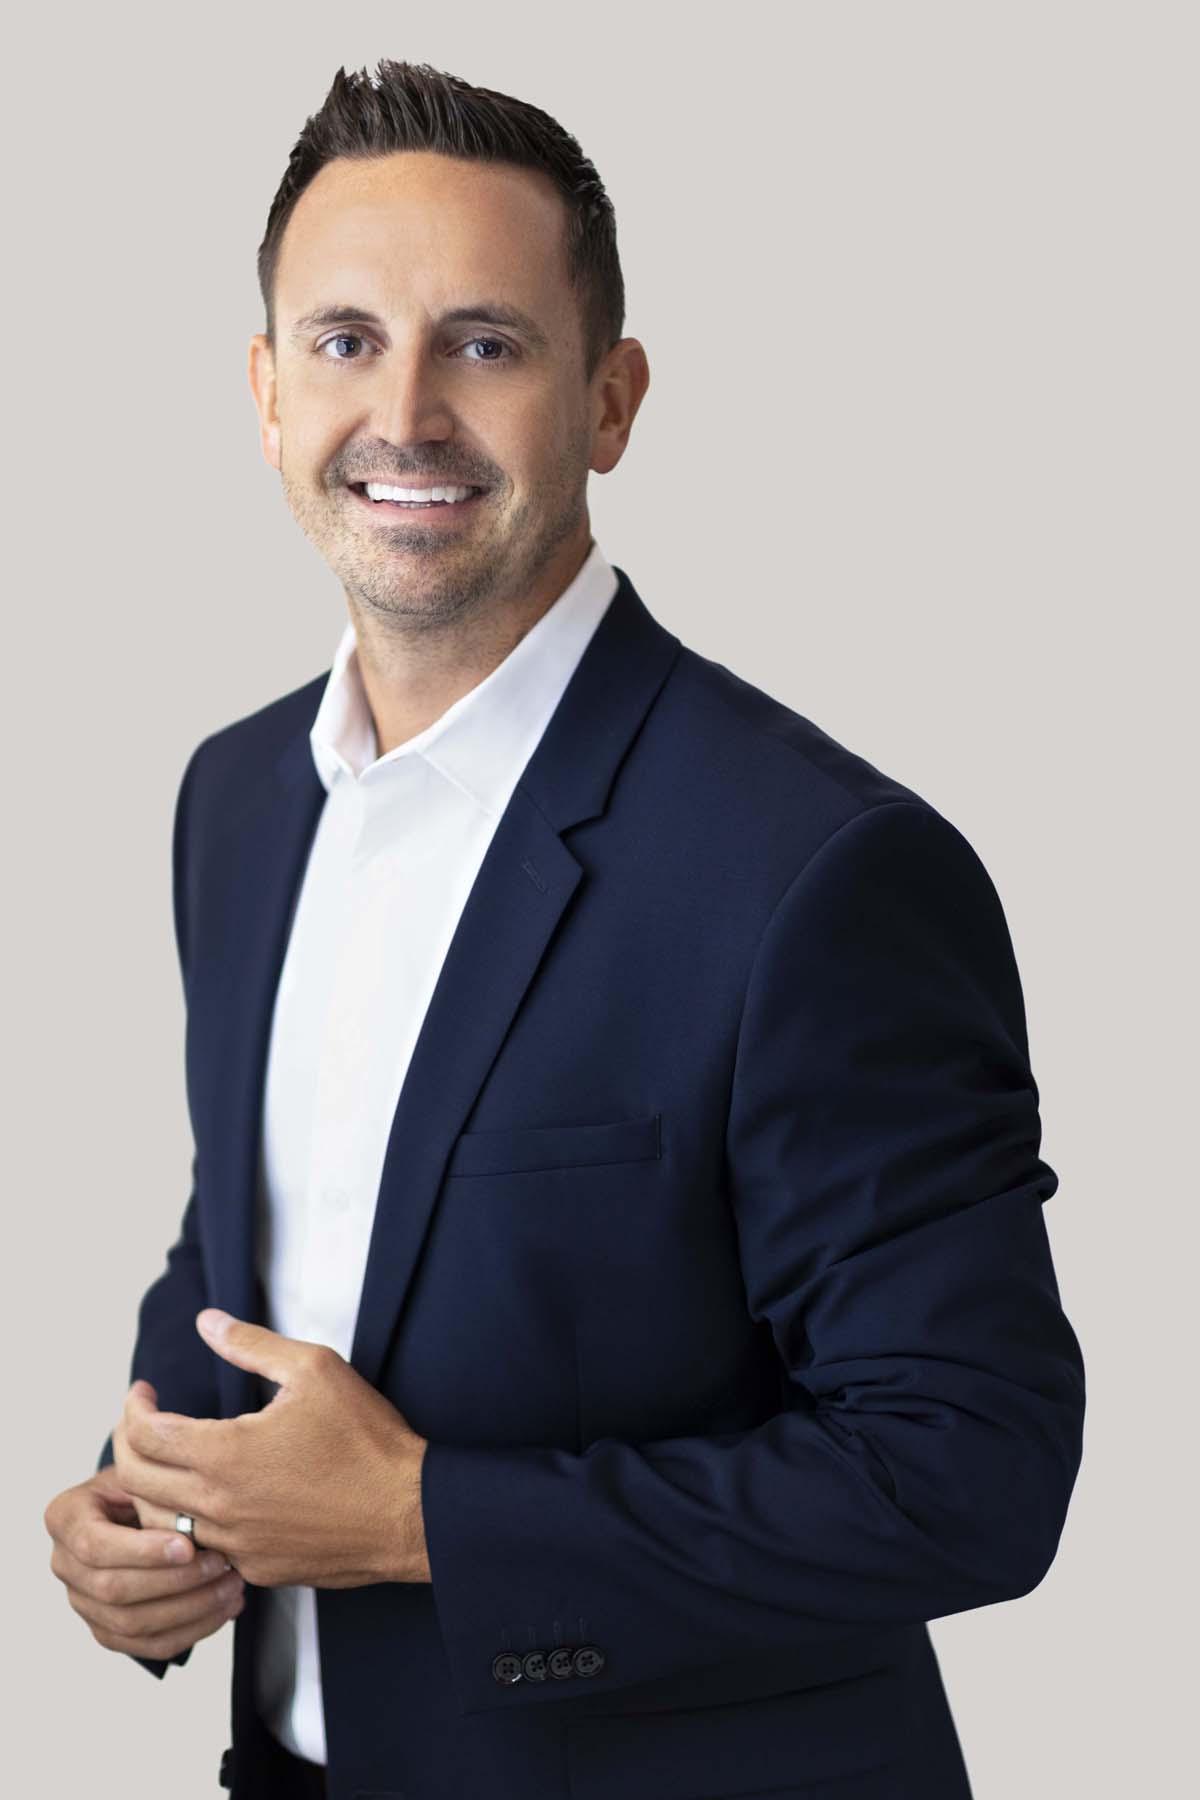 Brian Souders